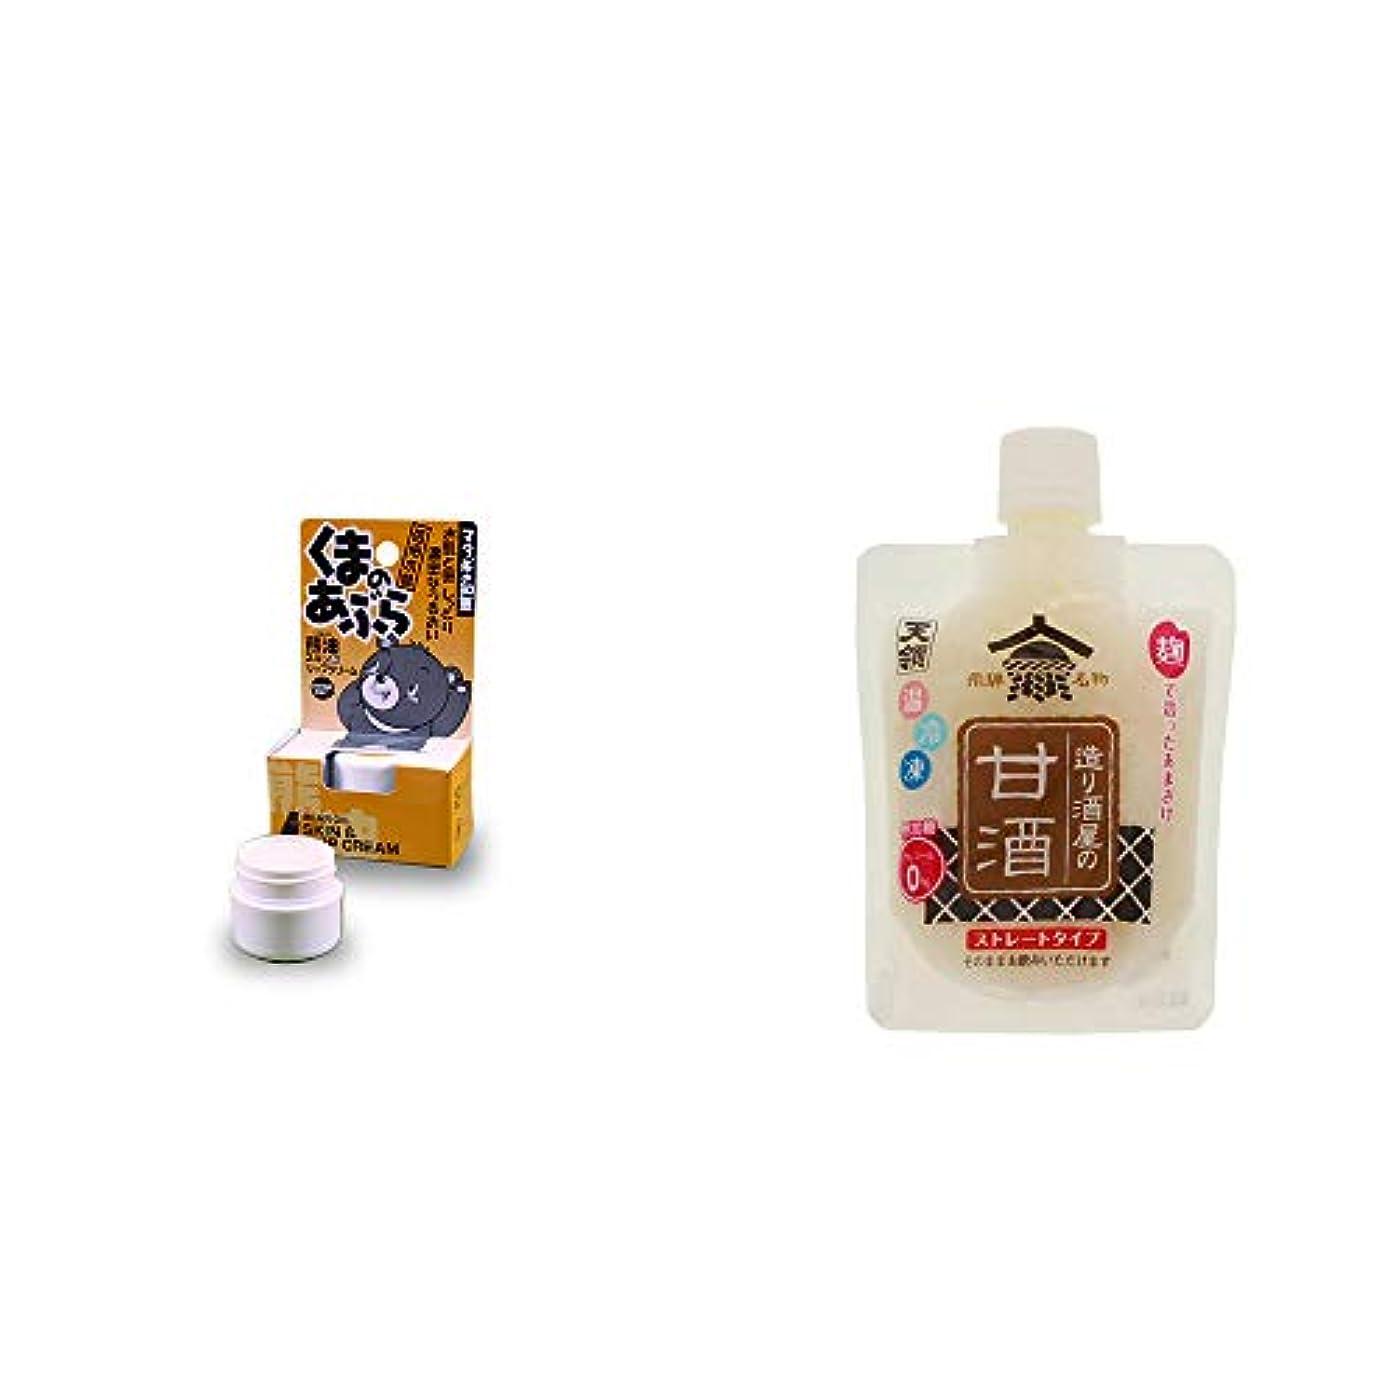 対話ルーム贈り物[2点セット] 信州木曽 くまのあぶら 熊油スキン&リップクリーム(9g)?天領 造り酒屋の甘酒 ストレートタイプ(130g)